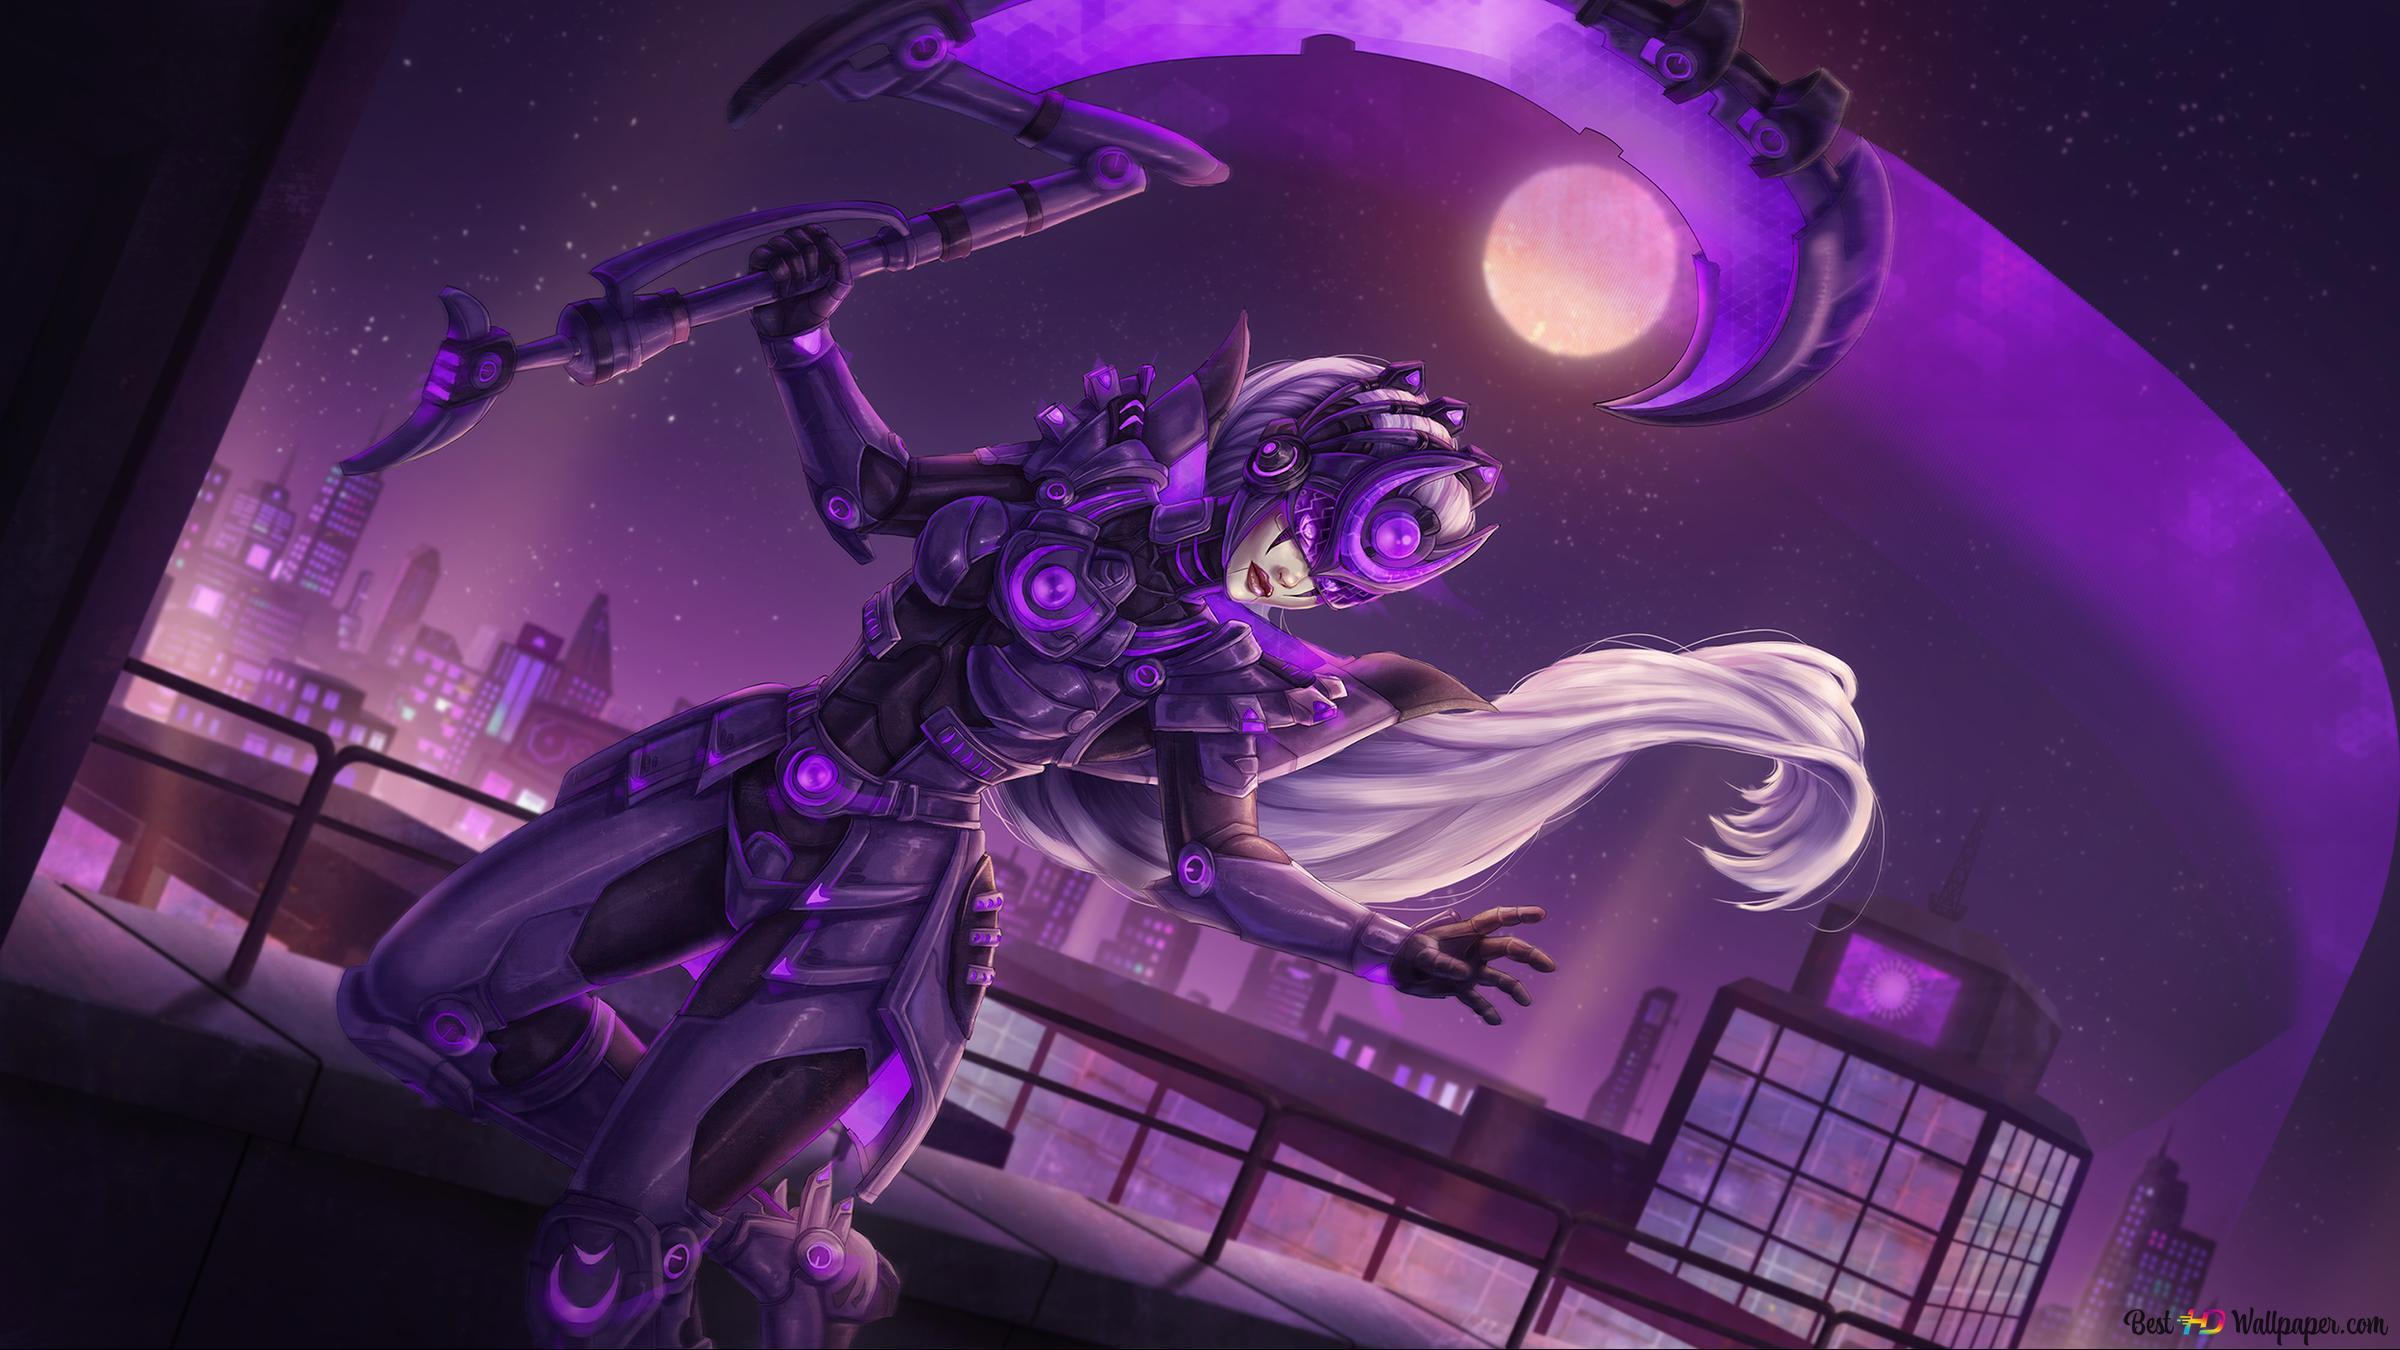 League Of Legends Magical Diana Hd Wallpaper Download